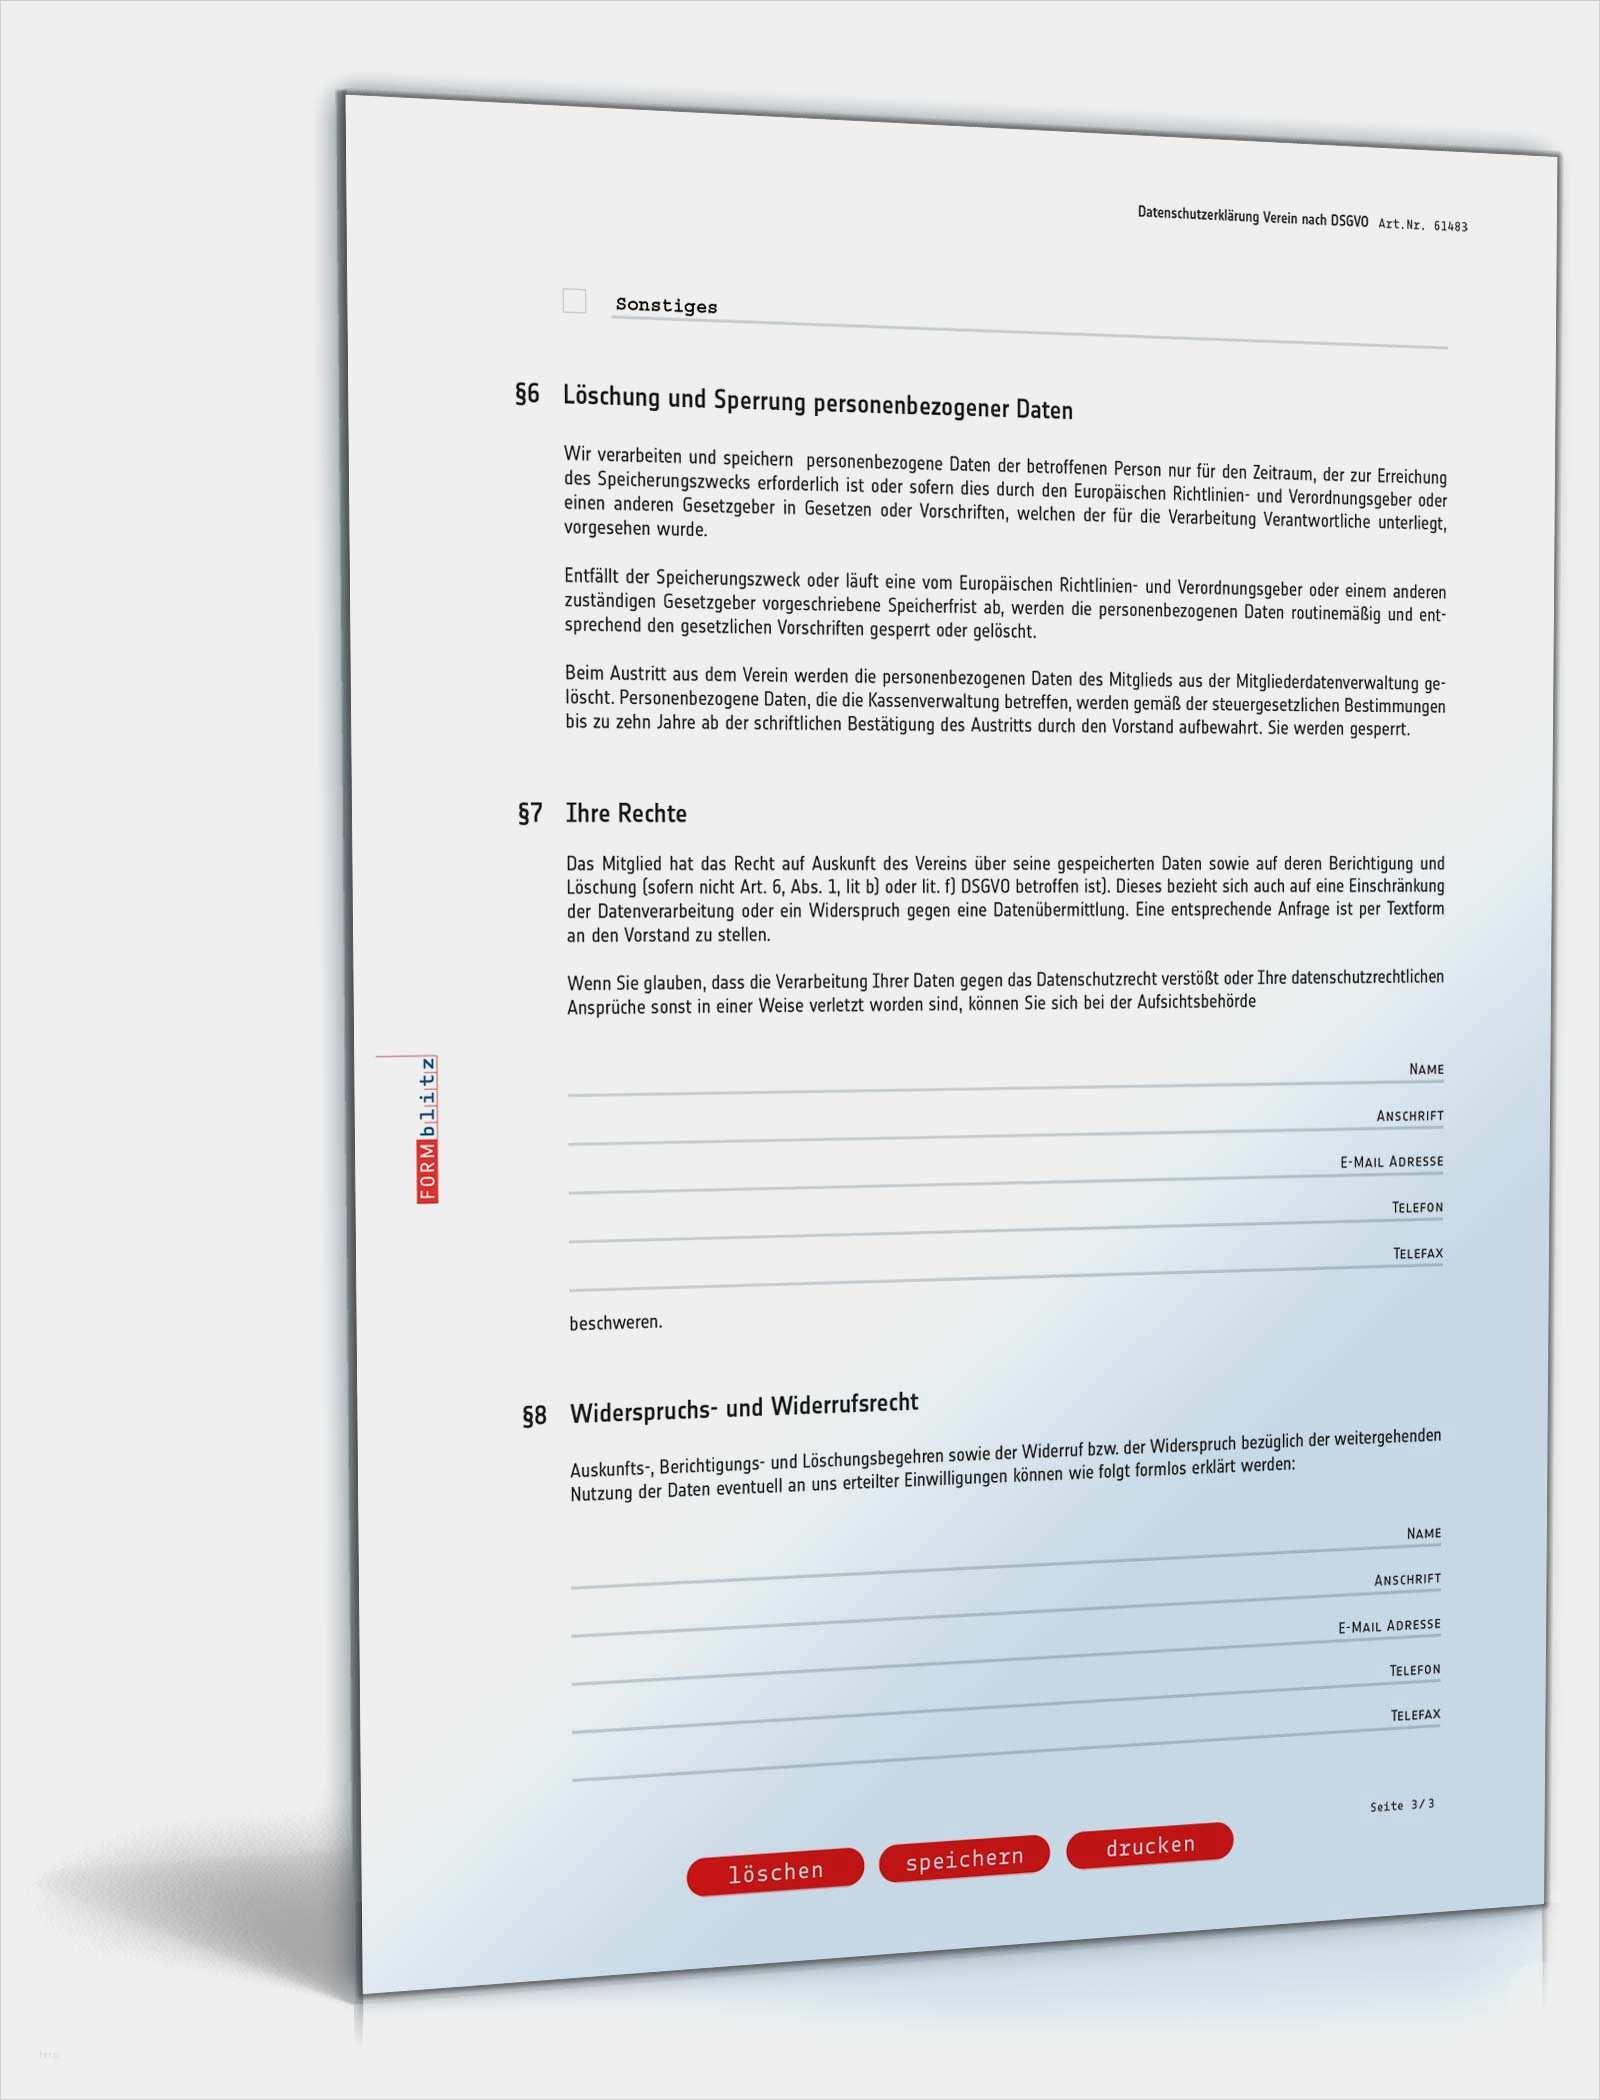 40 Wunderbar Vorlage Dsgvo Verein Galerie In 2020 Vorlagen Briefkopf Vorlage Rechnungsvorlage